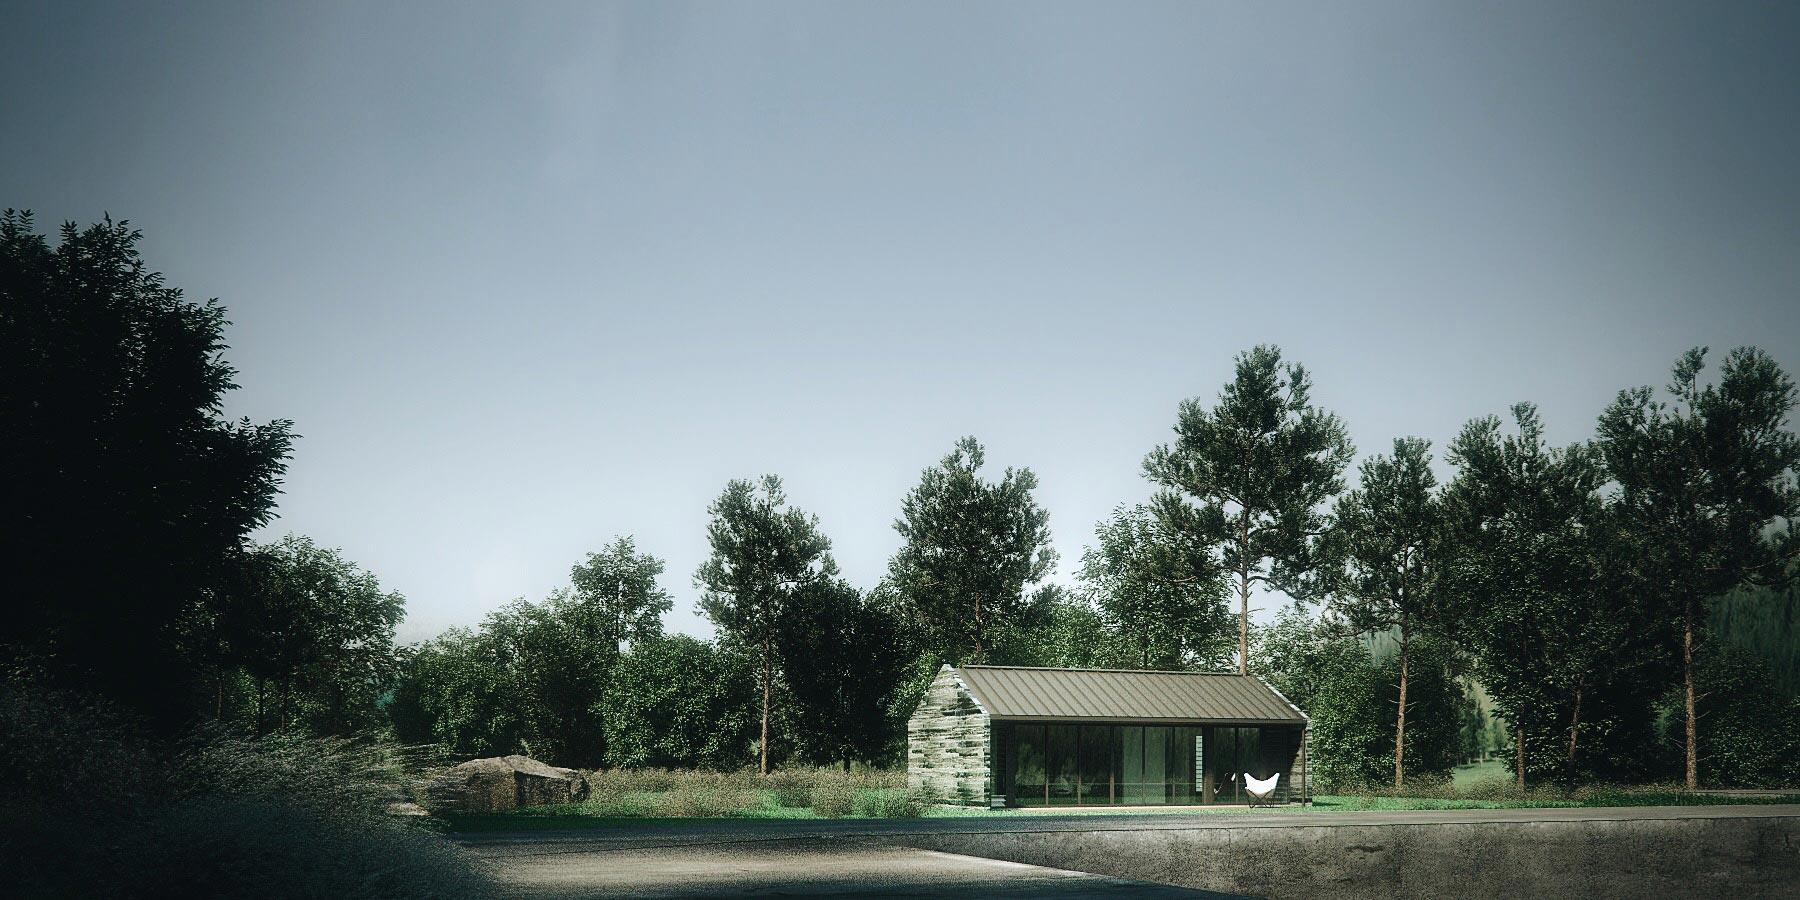 Archibungalows-Timber Gabled Option